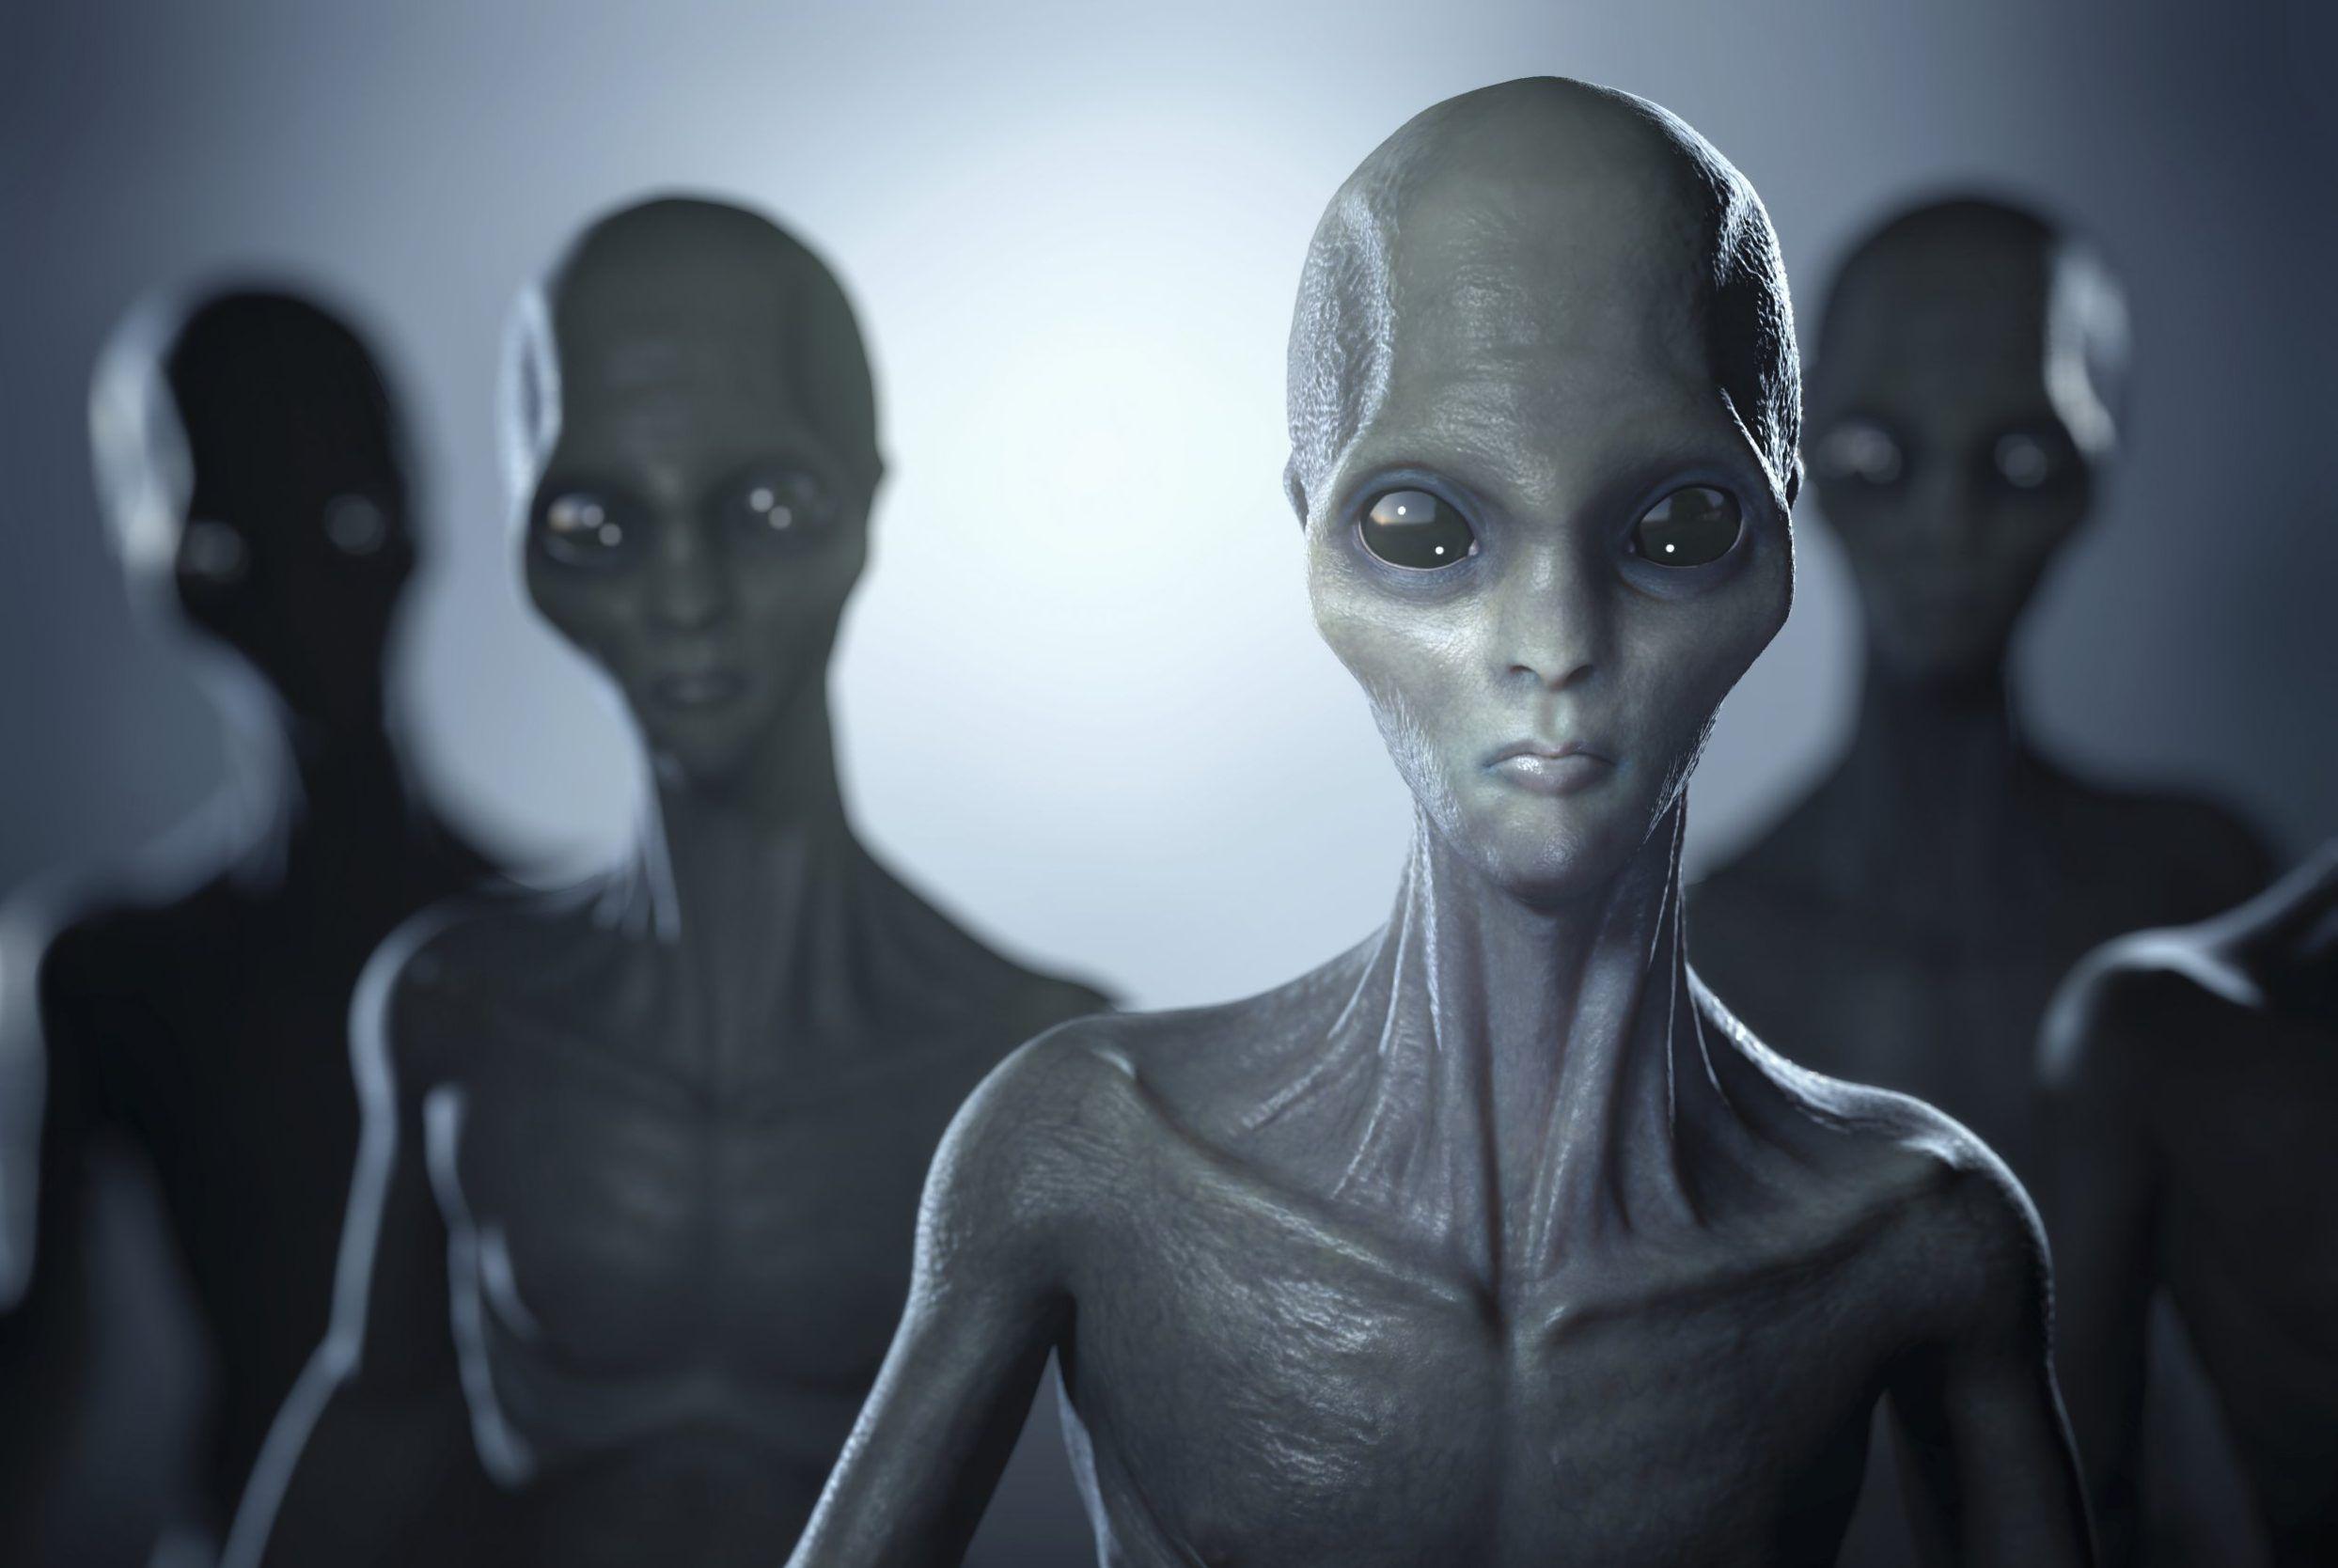 چرا موجودات فضایی با ما ارتباط برقرار نمی کنند - انتها و موجودات فضایی - Mohsen Elhamian - MohsenElhamian.com - محسن الهامیان